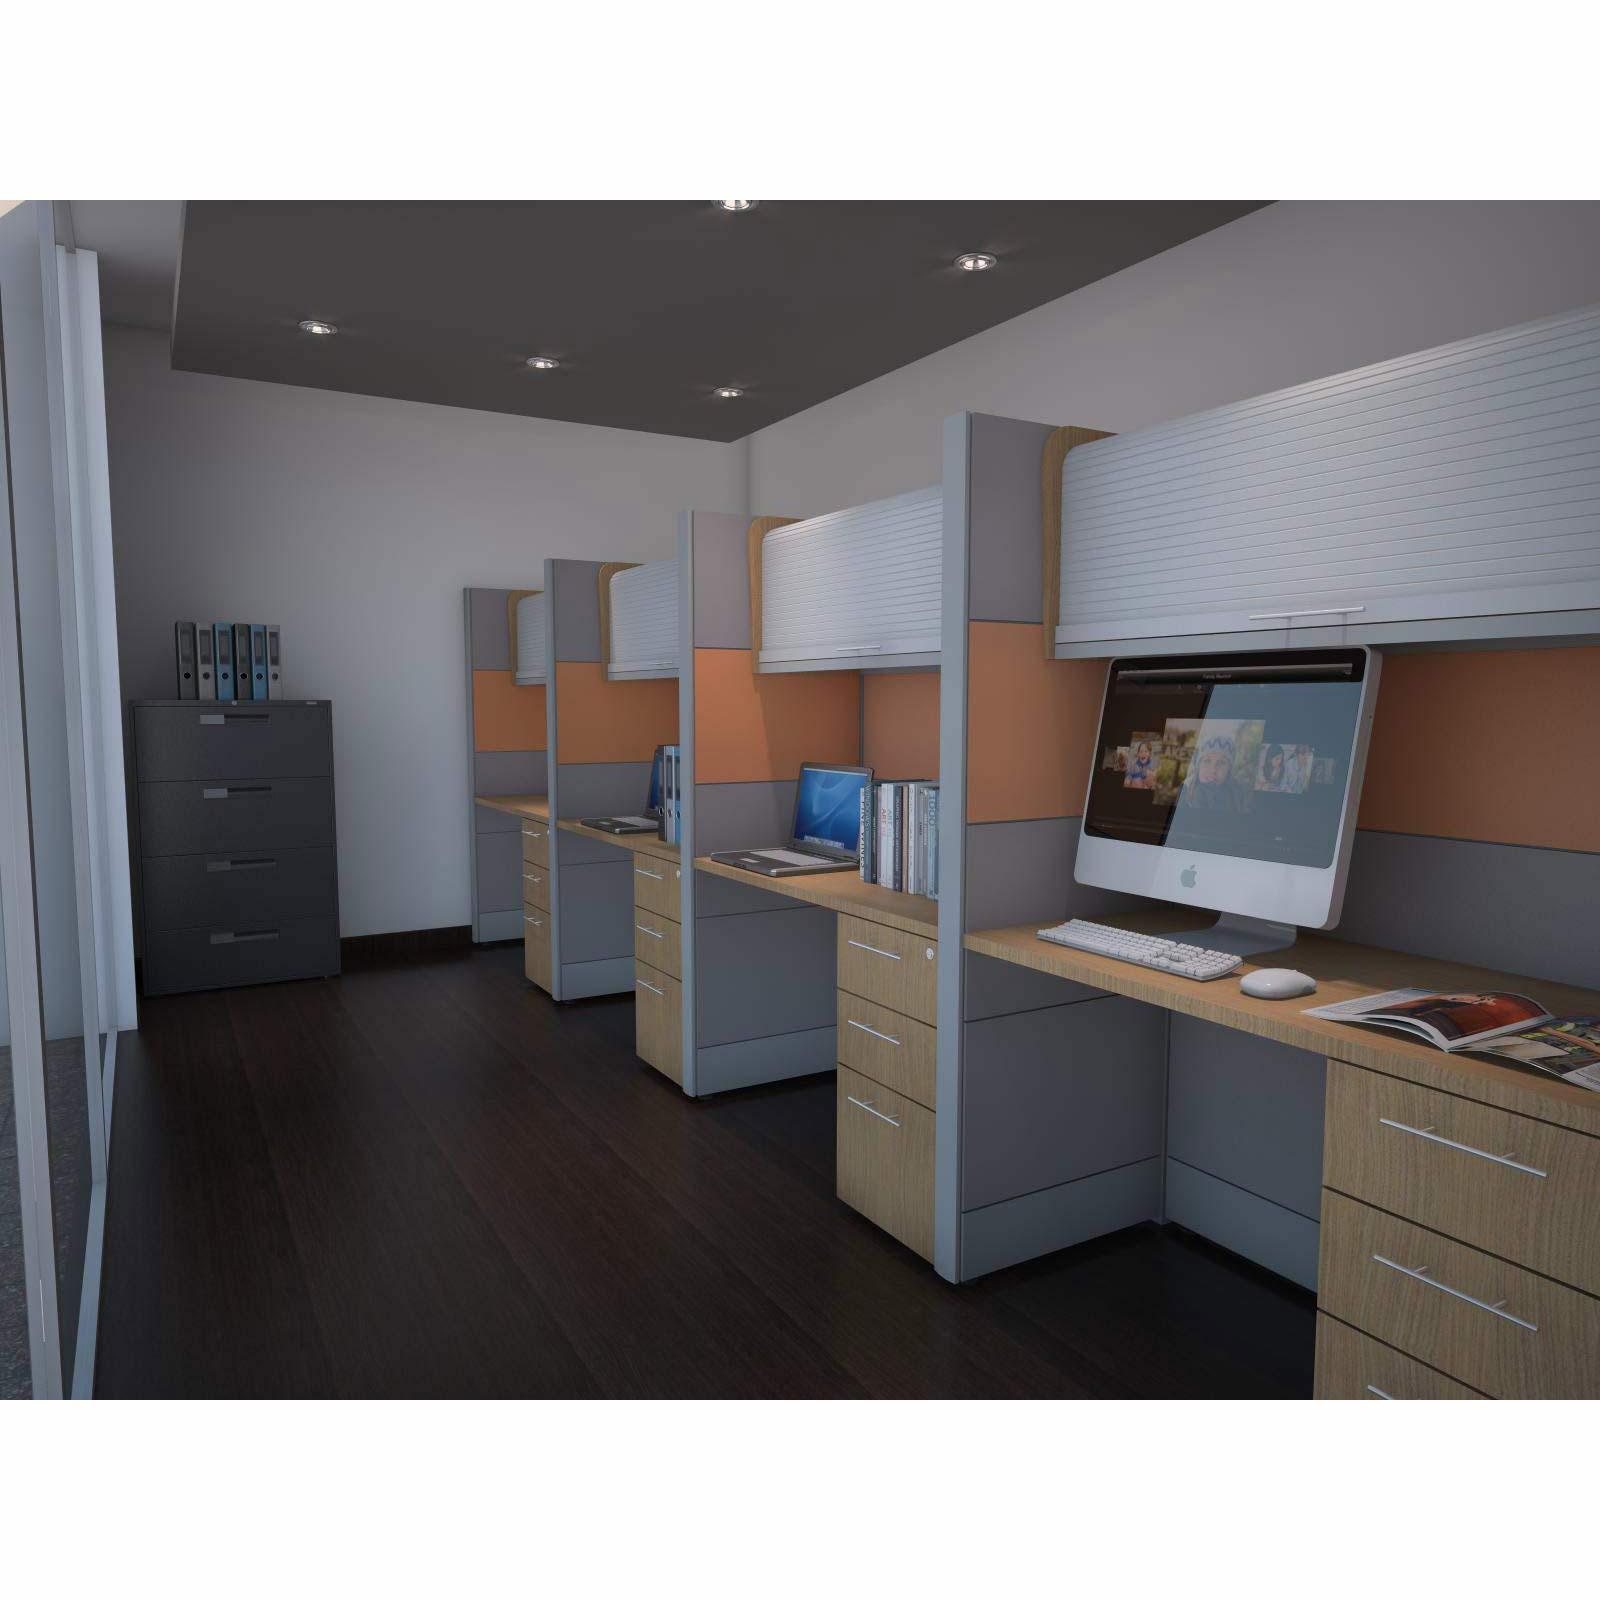 Grupo meta soluciones de limpieza muebles y oficina for Muebles para oficina mamparas